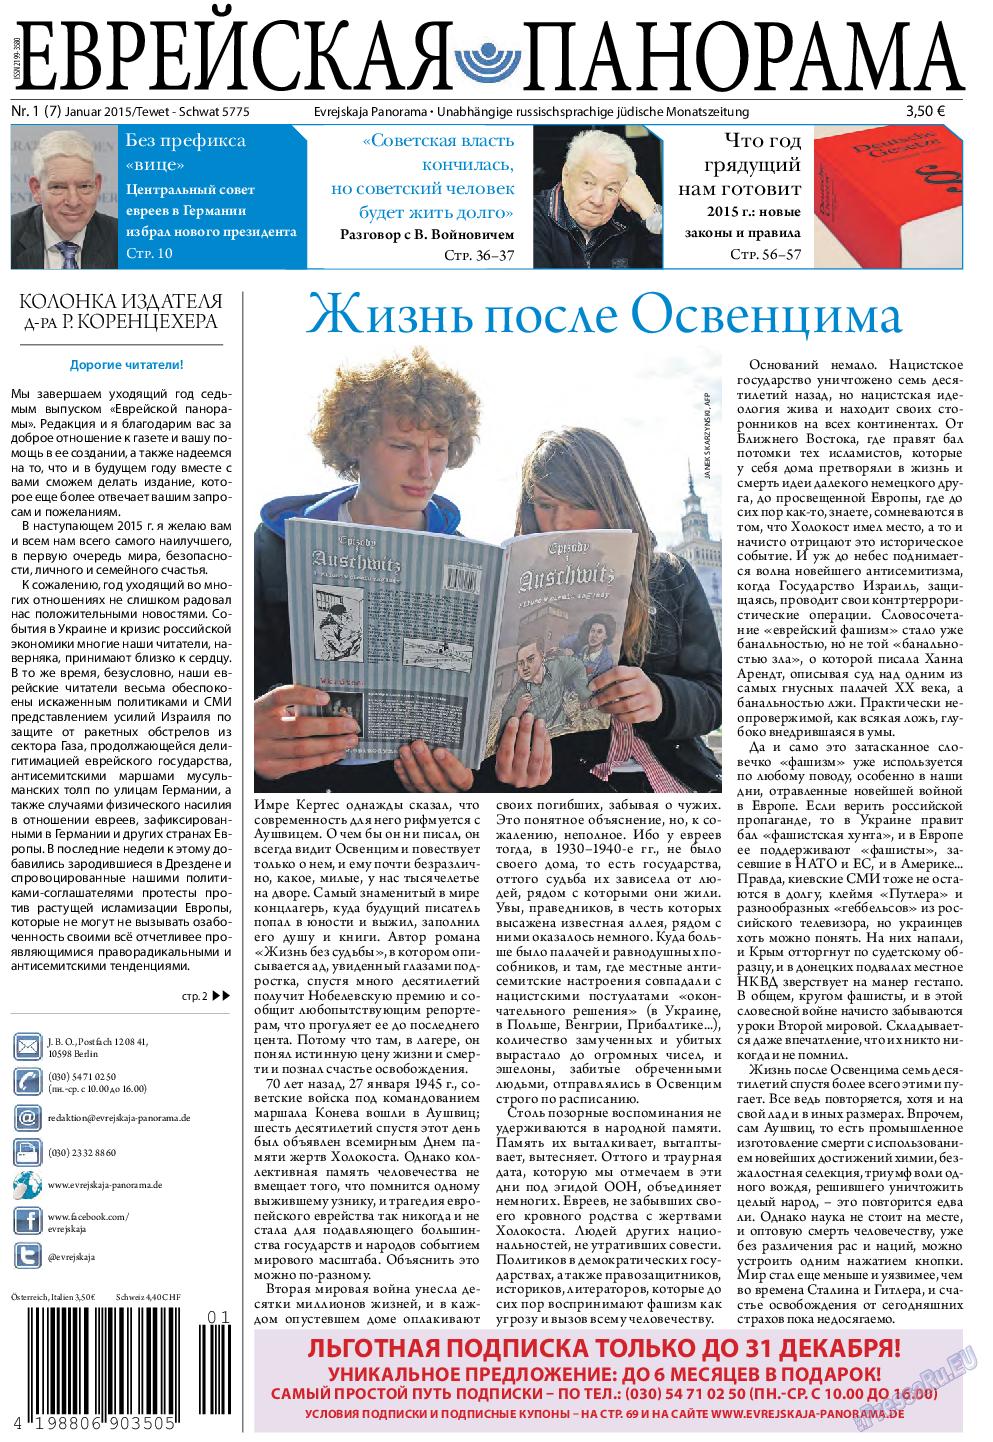 Еврейская панорама (газета). 2015 год, номер 1, стр. 1